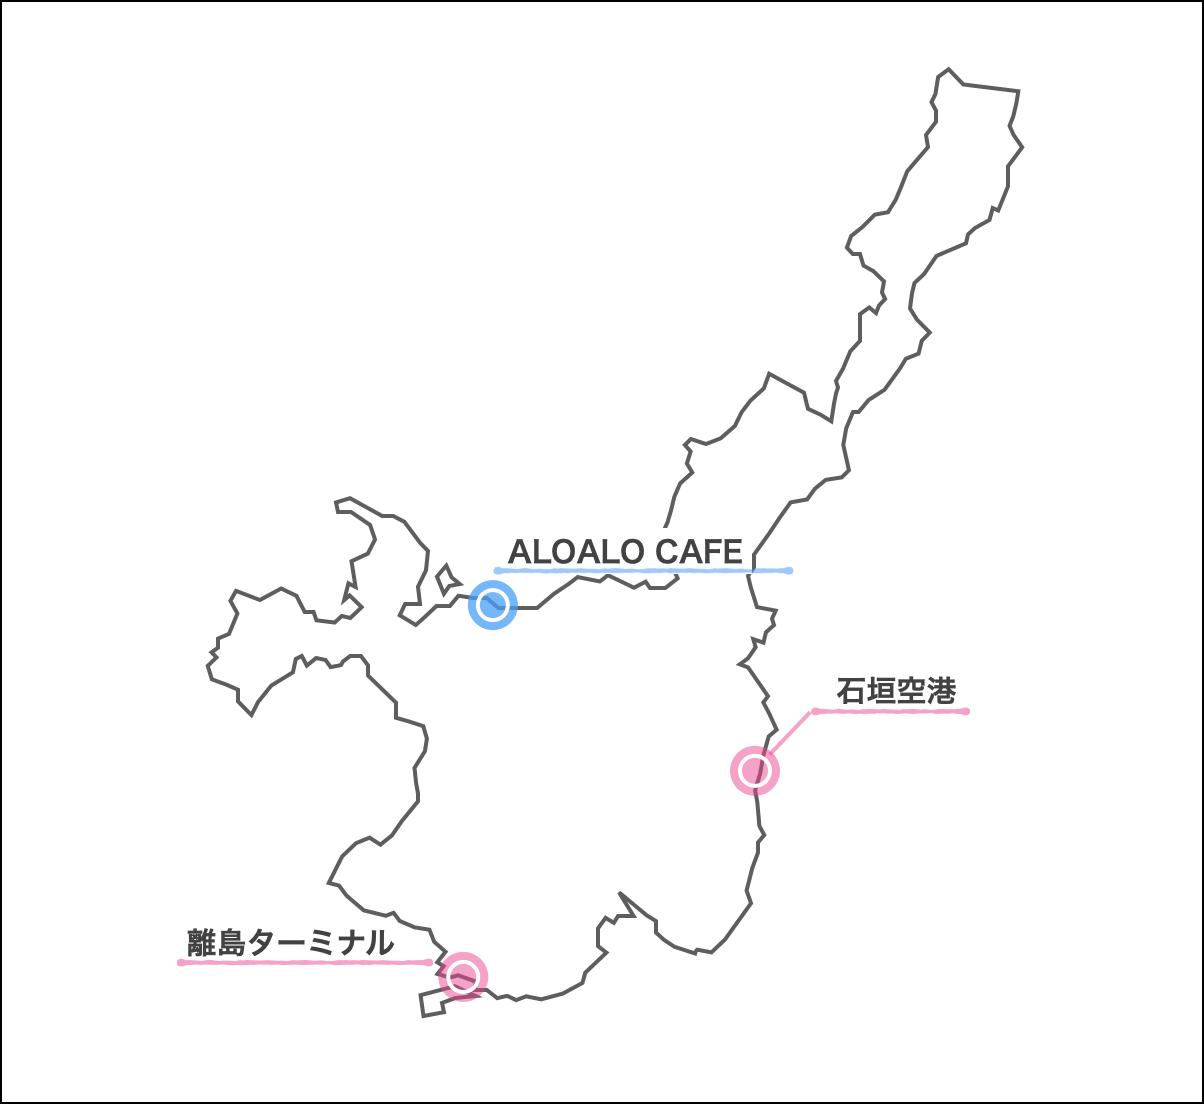 アロアロカフェ 地図